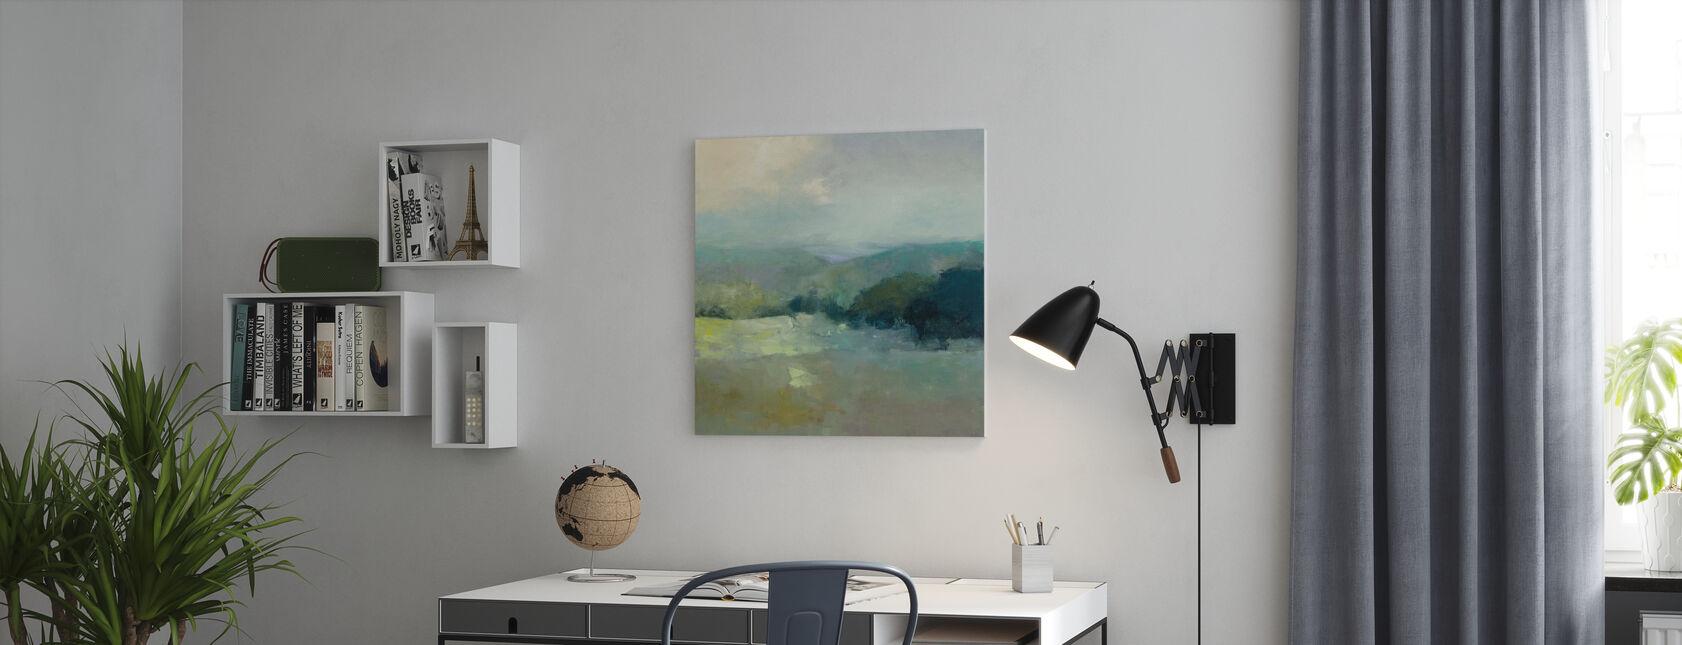 Misty Valley - Obraz na płótnie - Biuro